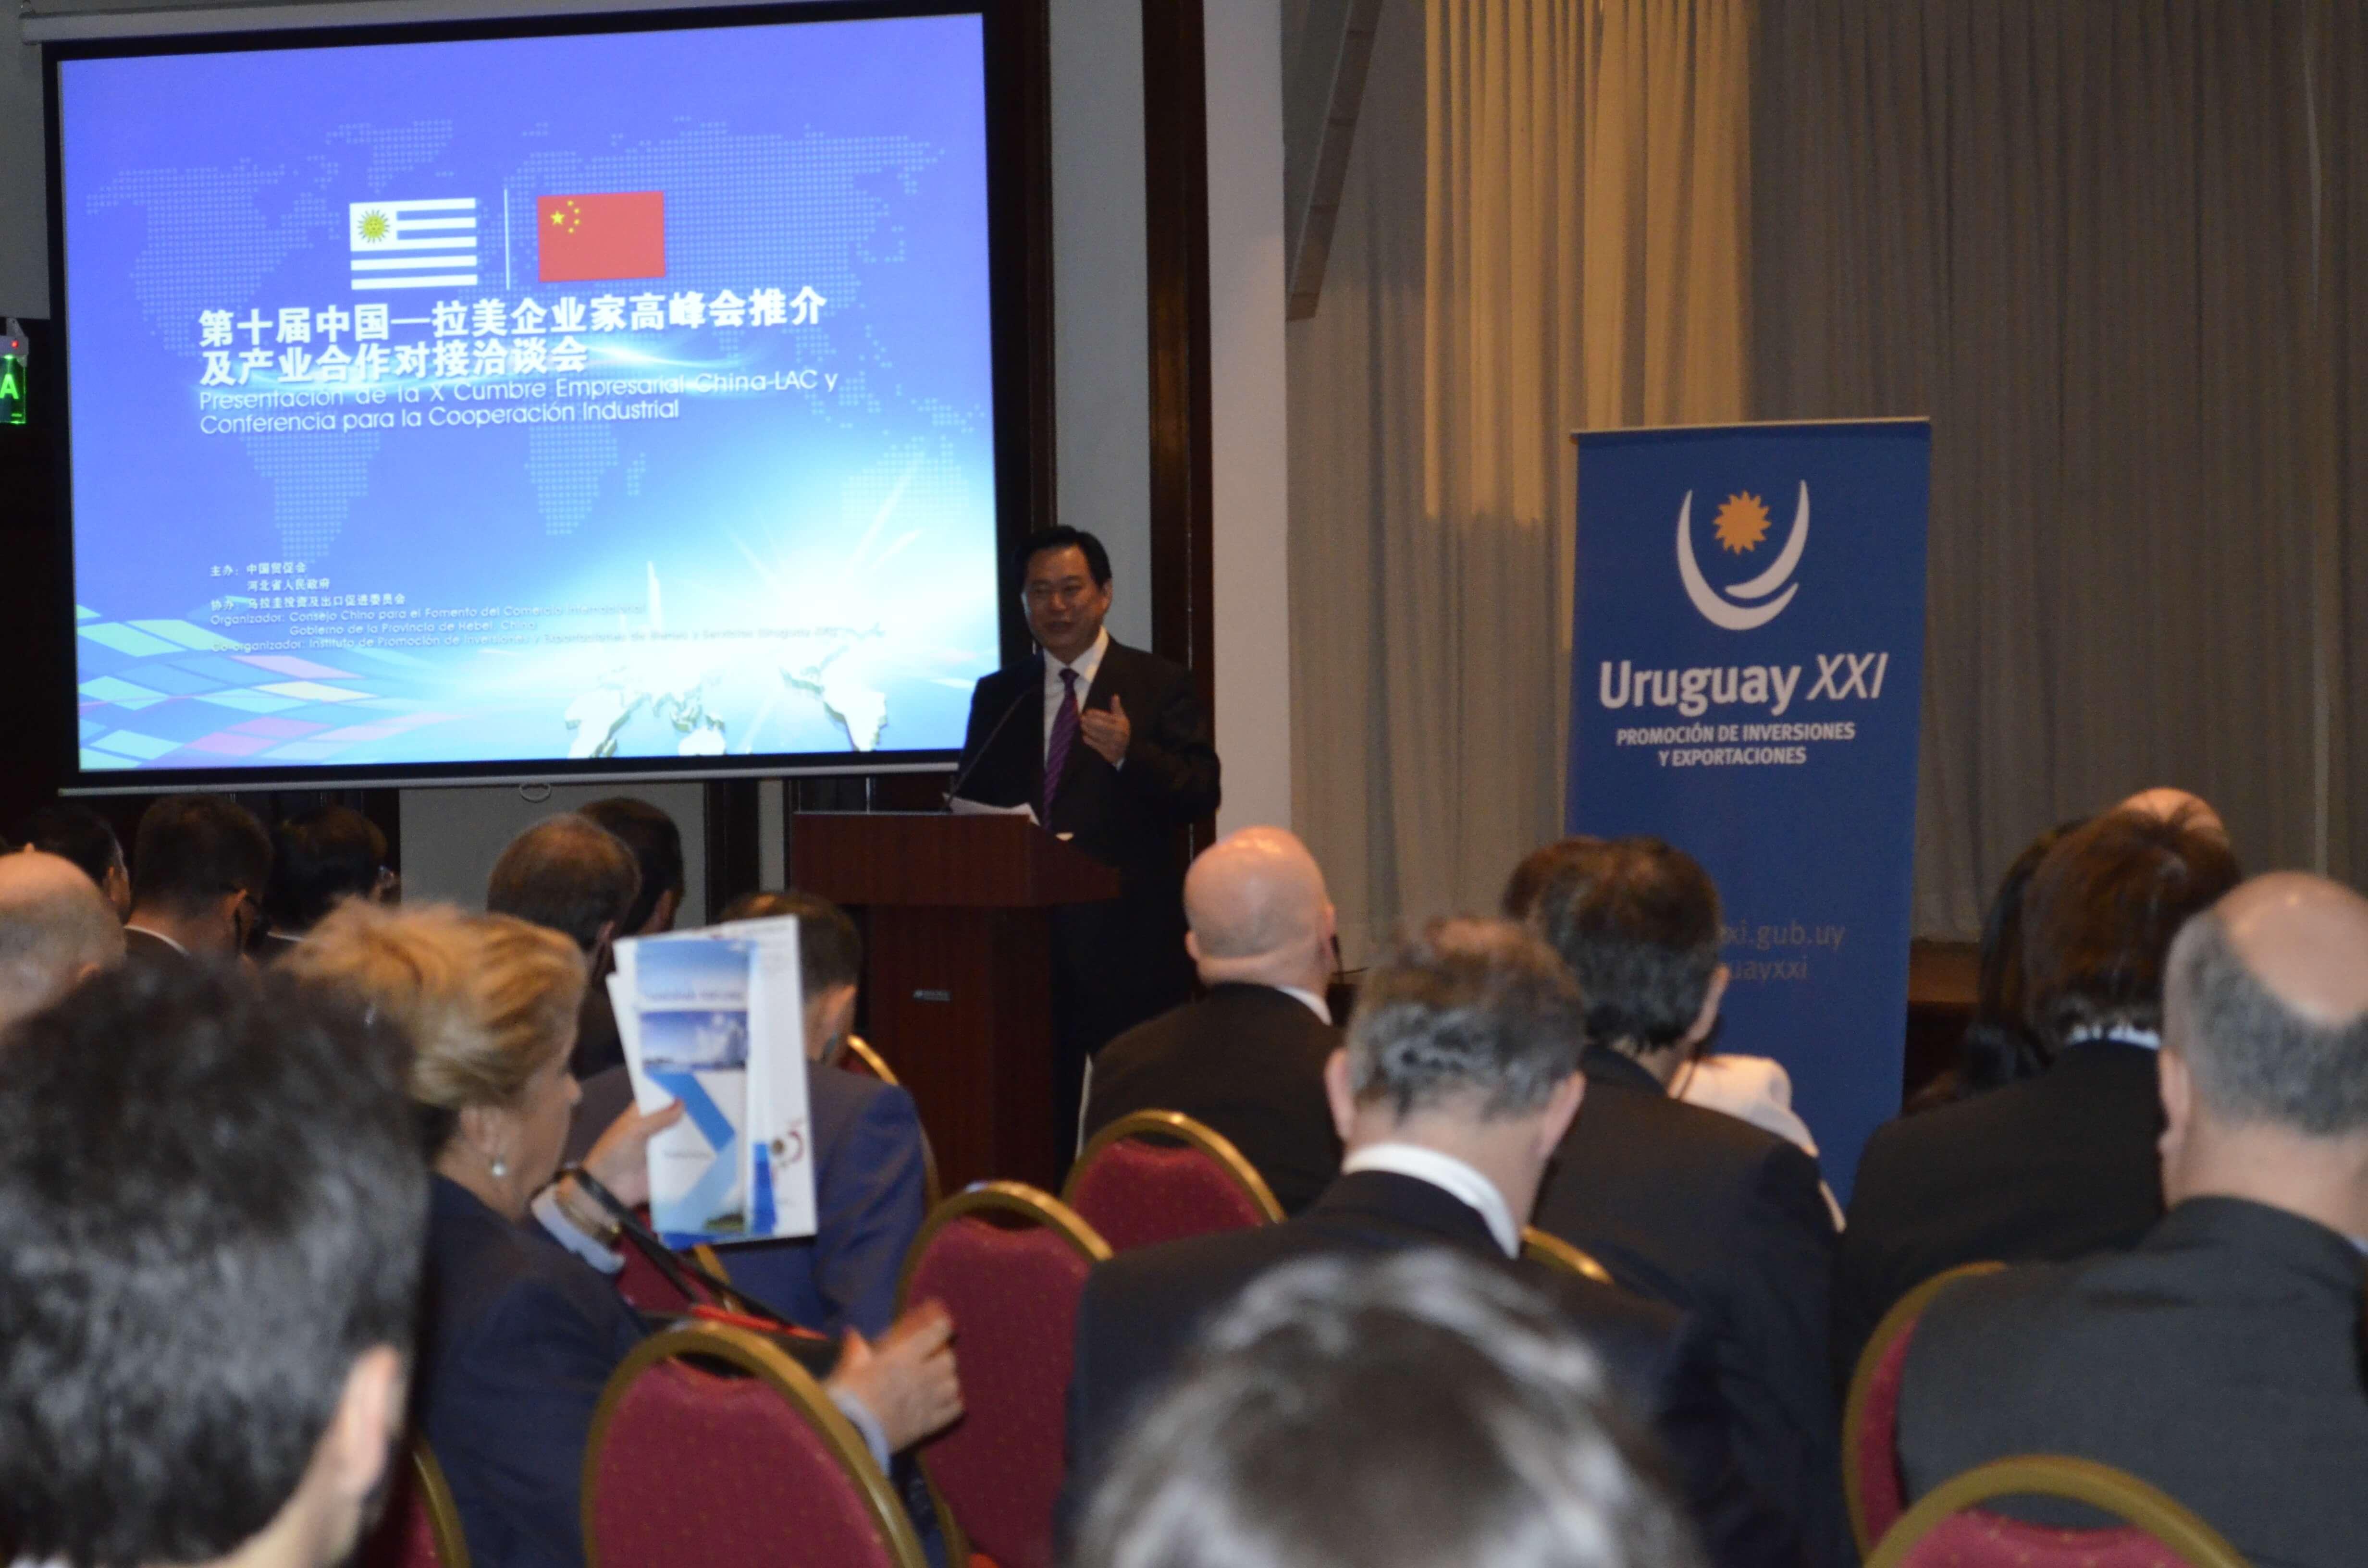 Con la mira puesta en Oriente: China LAC